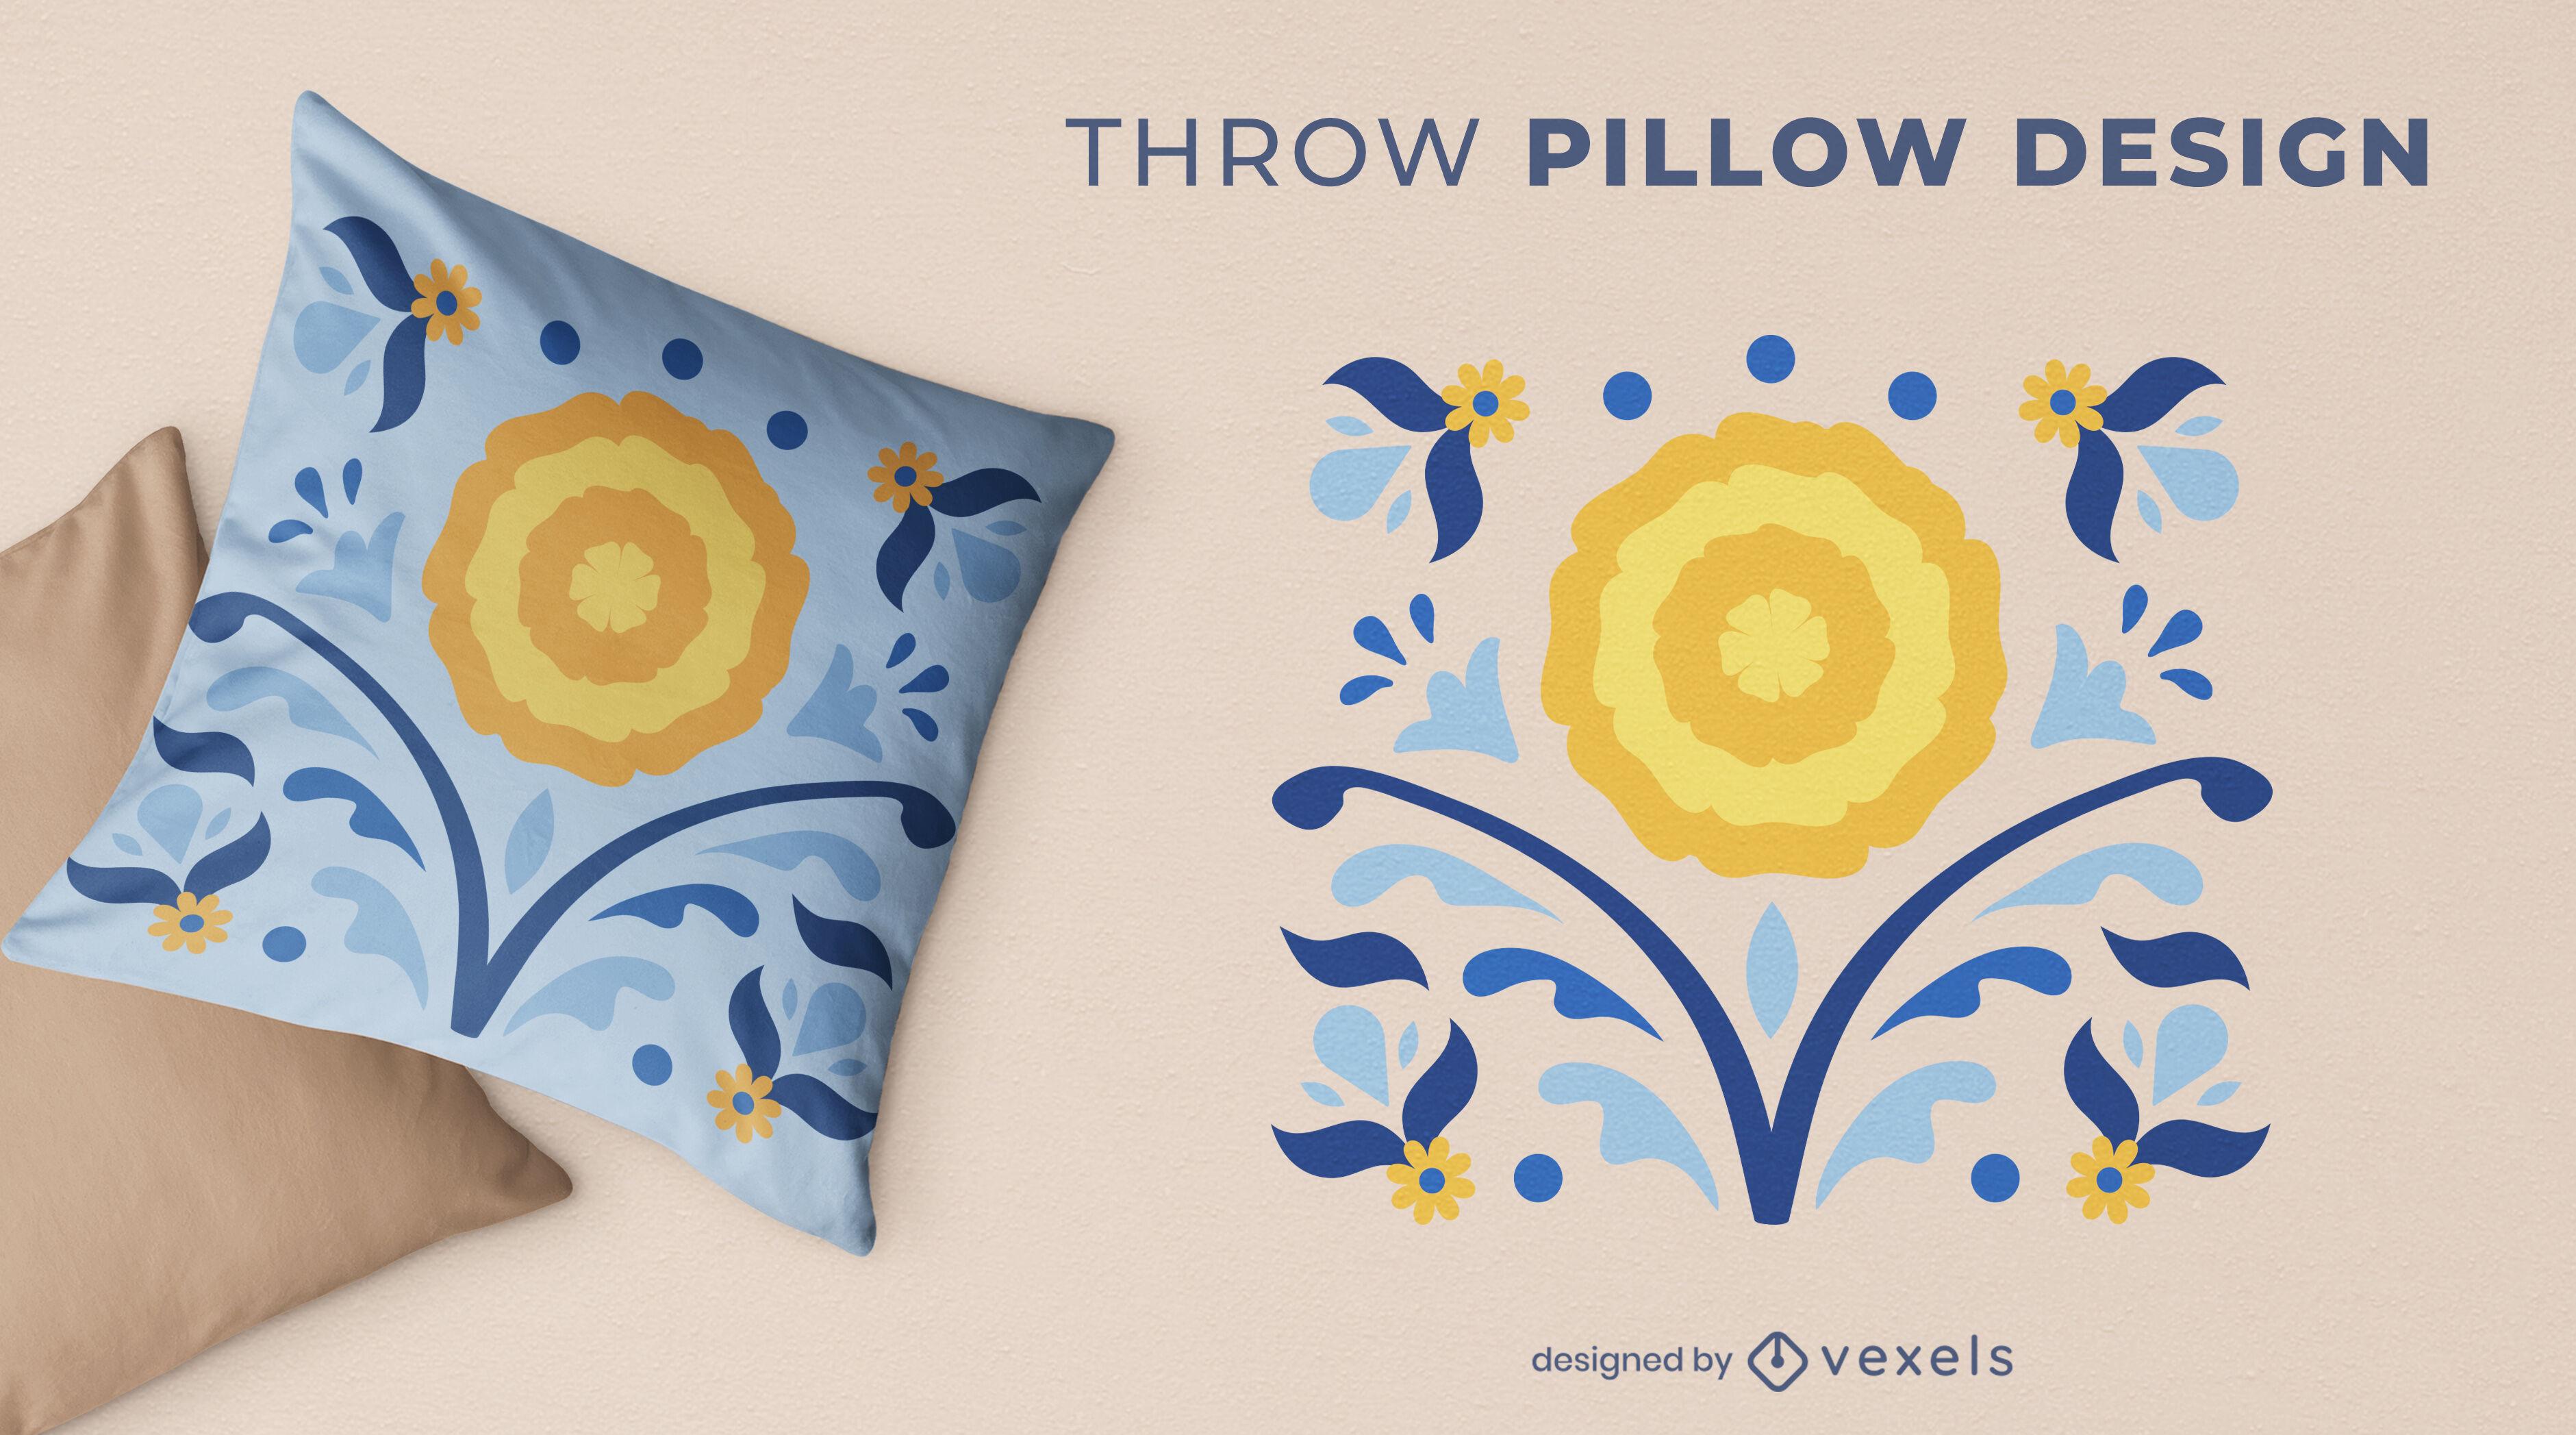 Diseño de almohada de tiro de naturaleza de girasol